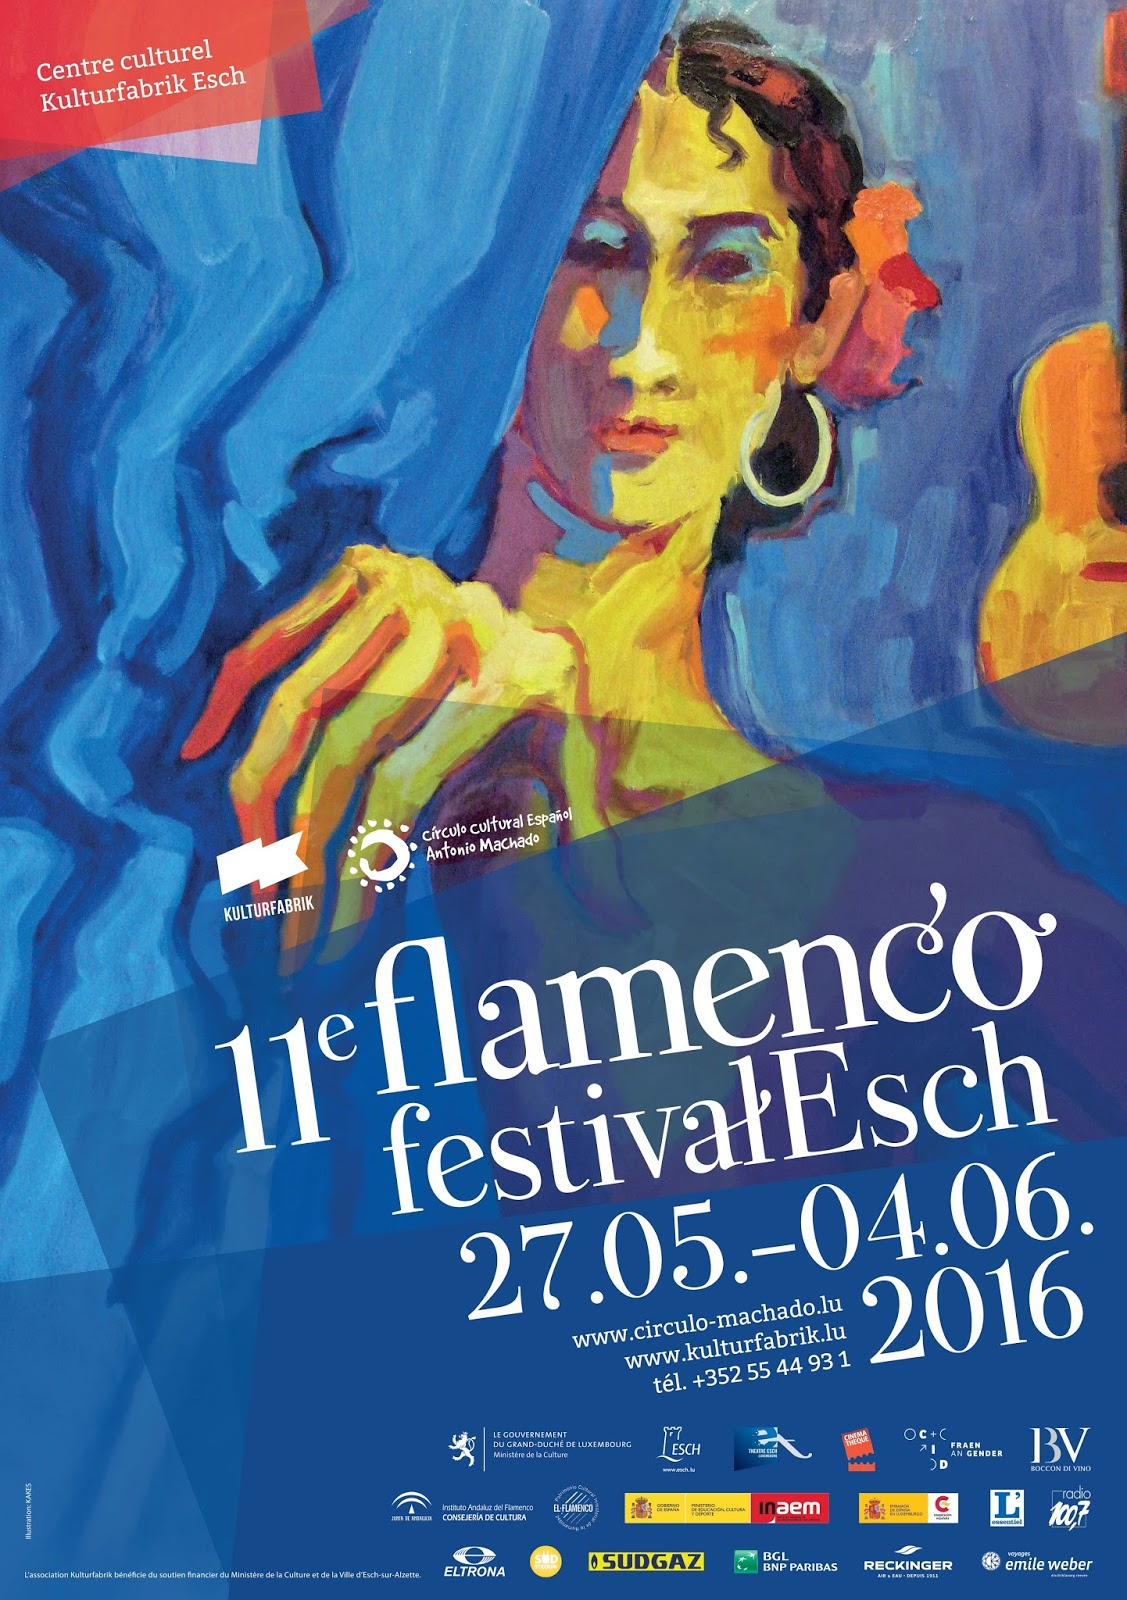 Festival Esch affiche